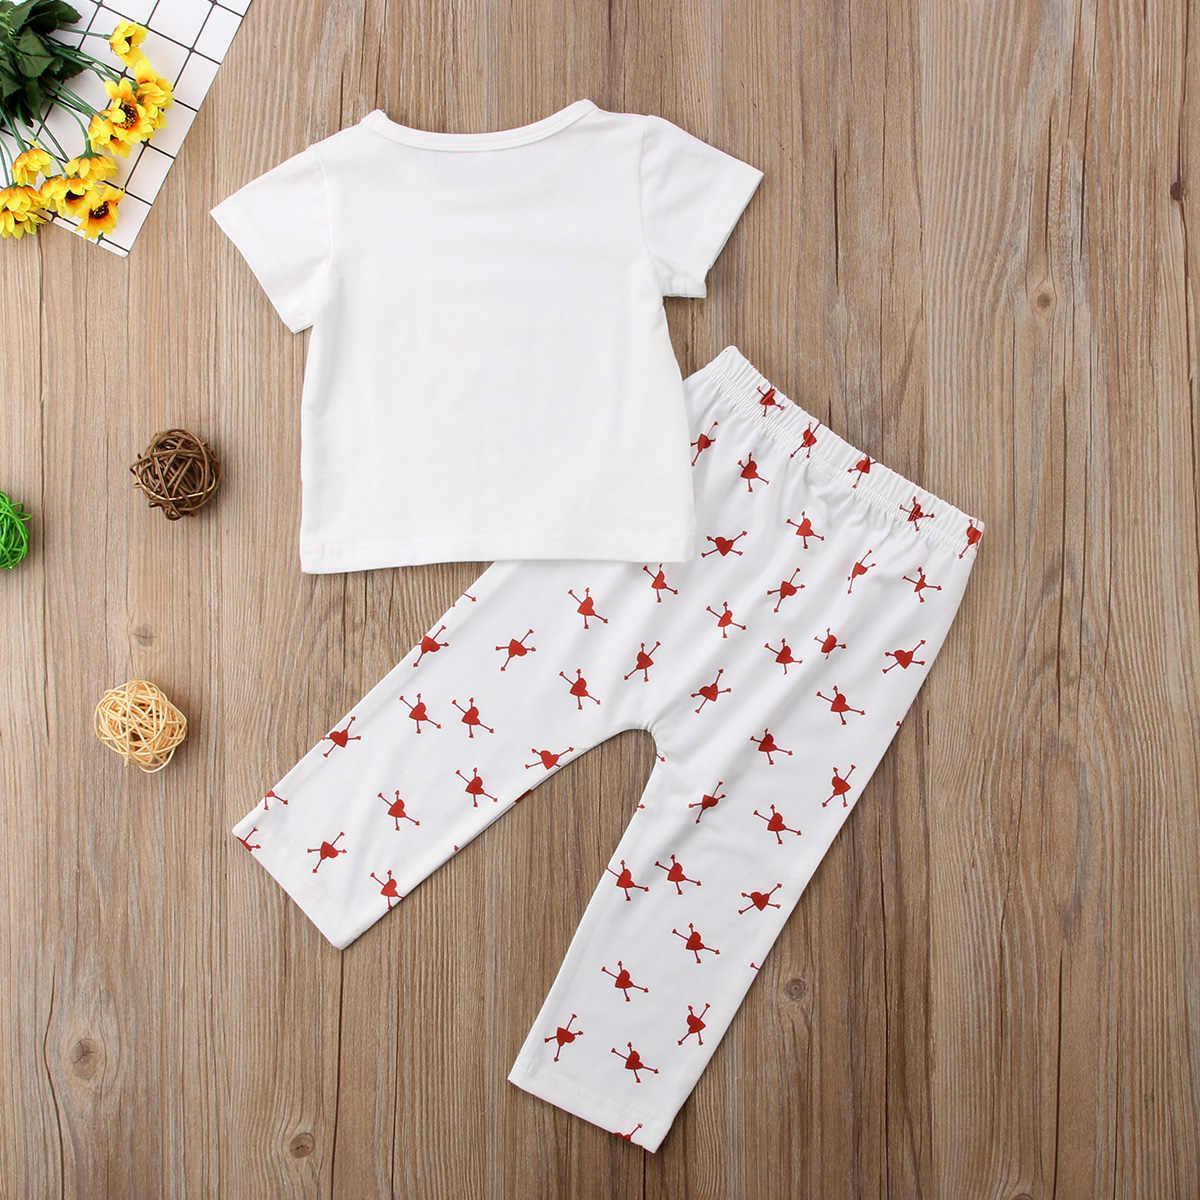 2018 mới thời trang mùa hè Khá 2 Cái Bé Sơ Sinh Boy Girl Trang Phục Letter In Tops T-Shirt Quần Quần Áo phong cách ngọt ngào CH